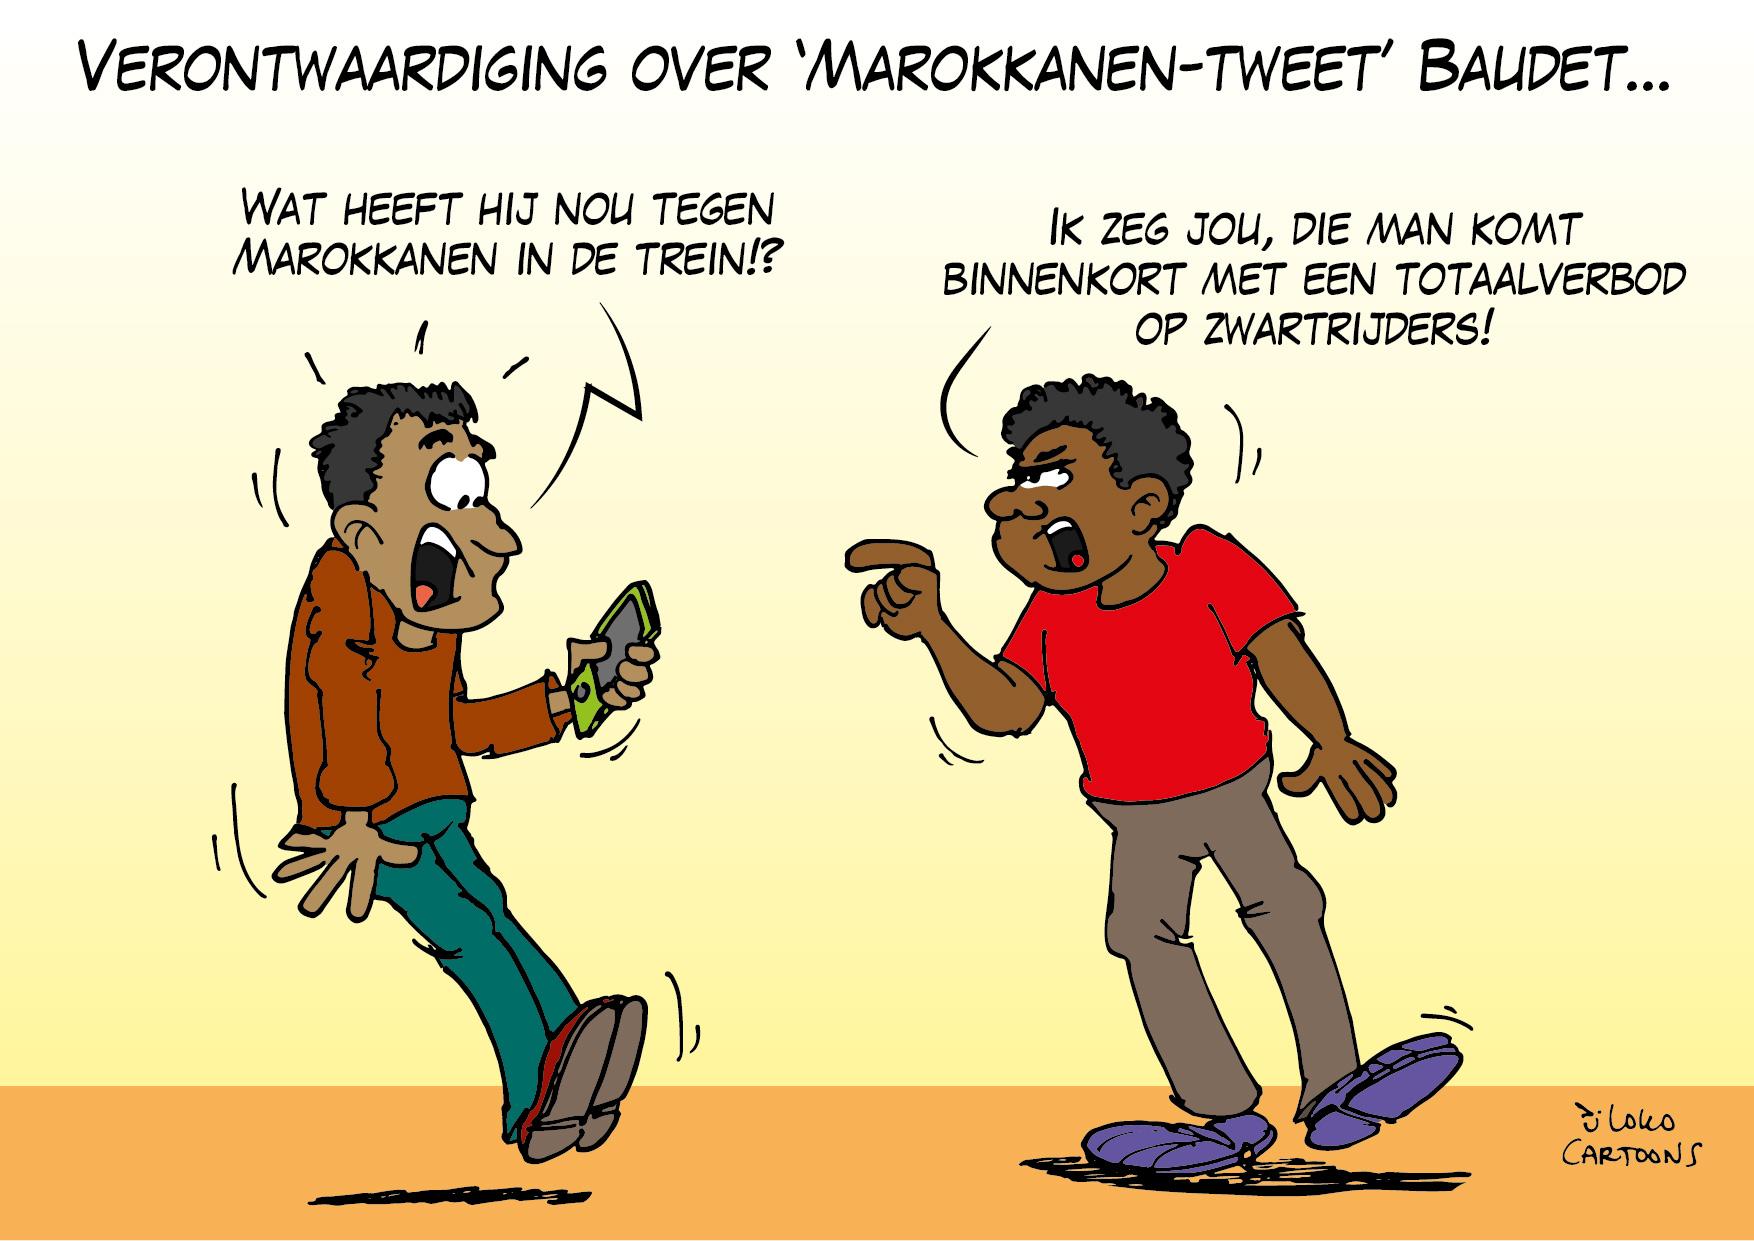 Verontwaardiging over 'Marokkanen-tweet' Baudet